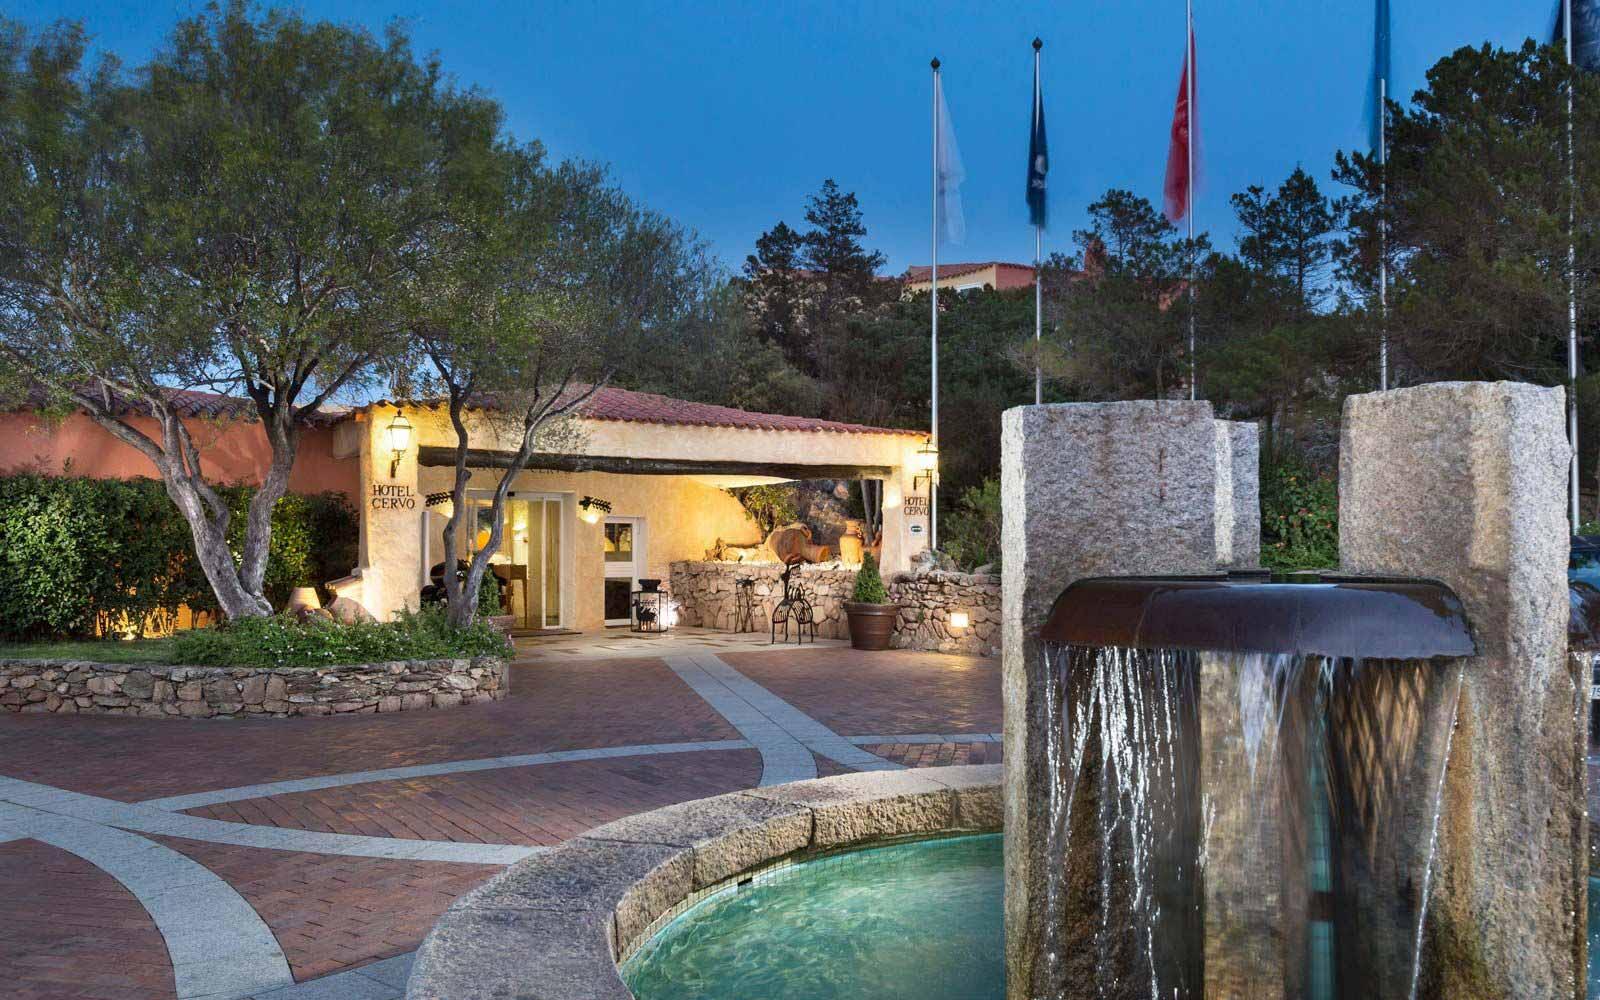 Entrance at Cervo Hotel